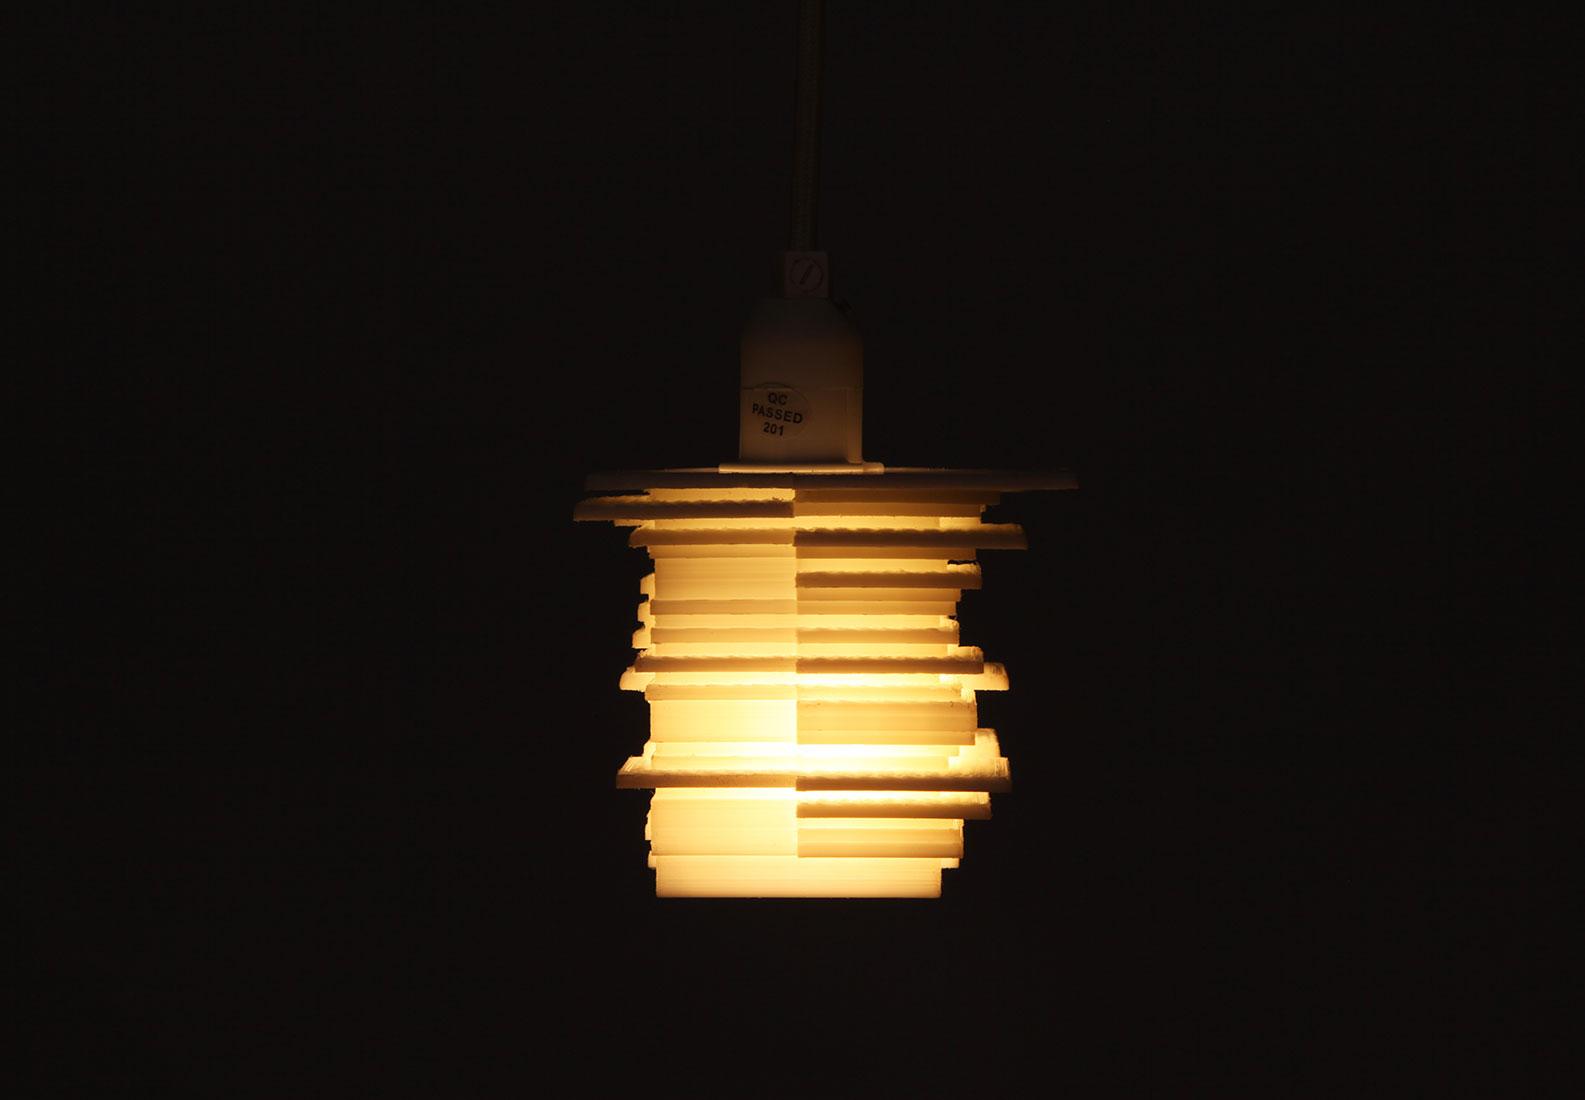 Lampe von vorne (dunkel).